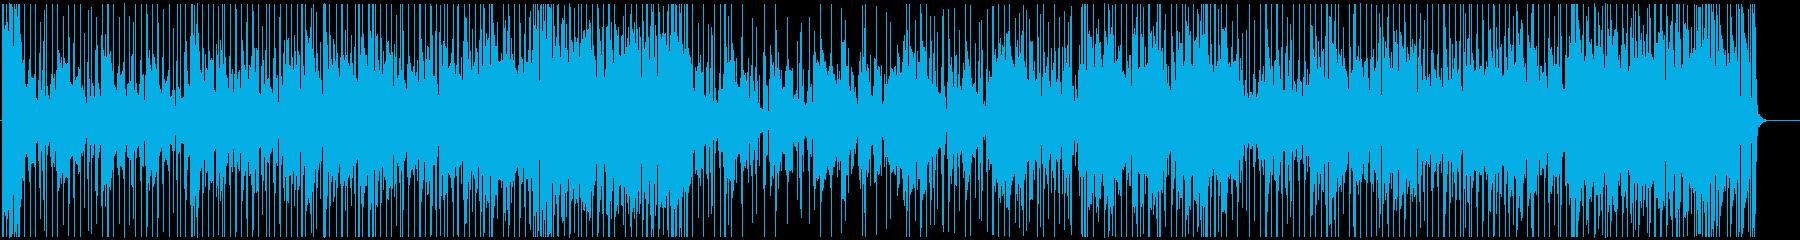 おしゃれなジャズフュージョンBGMの再生済みの波形